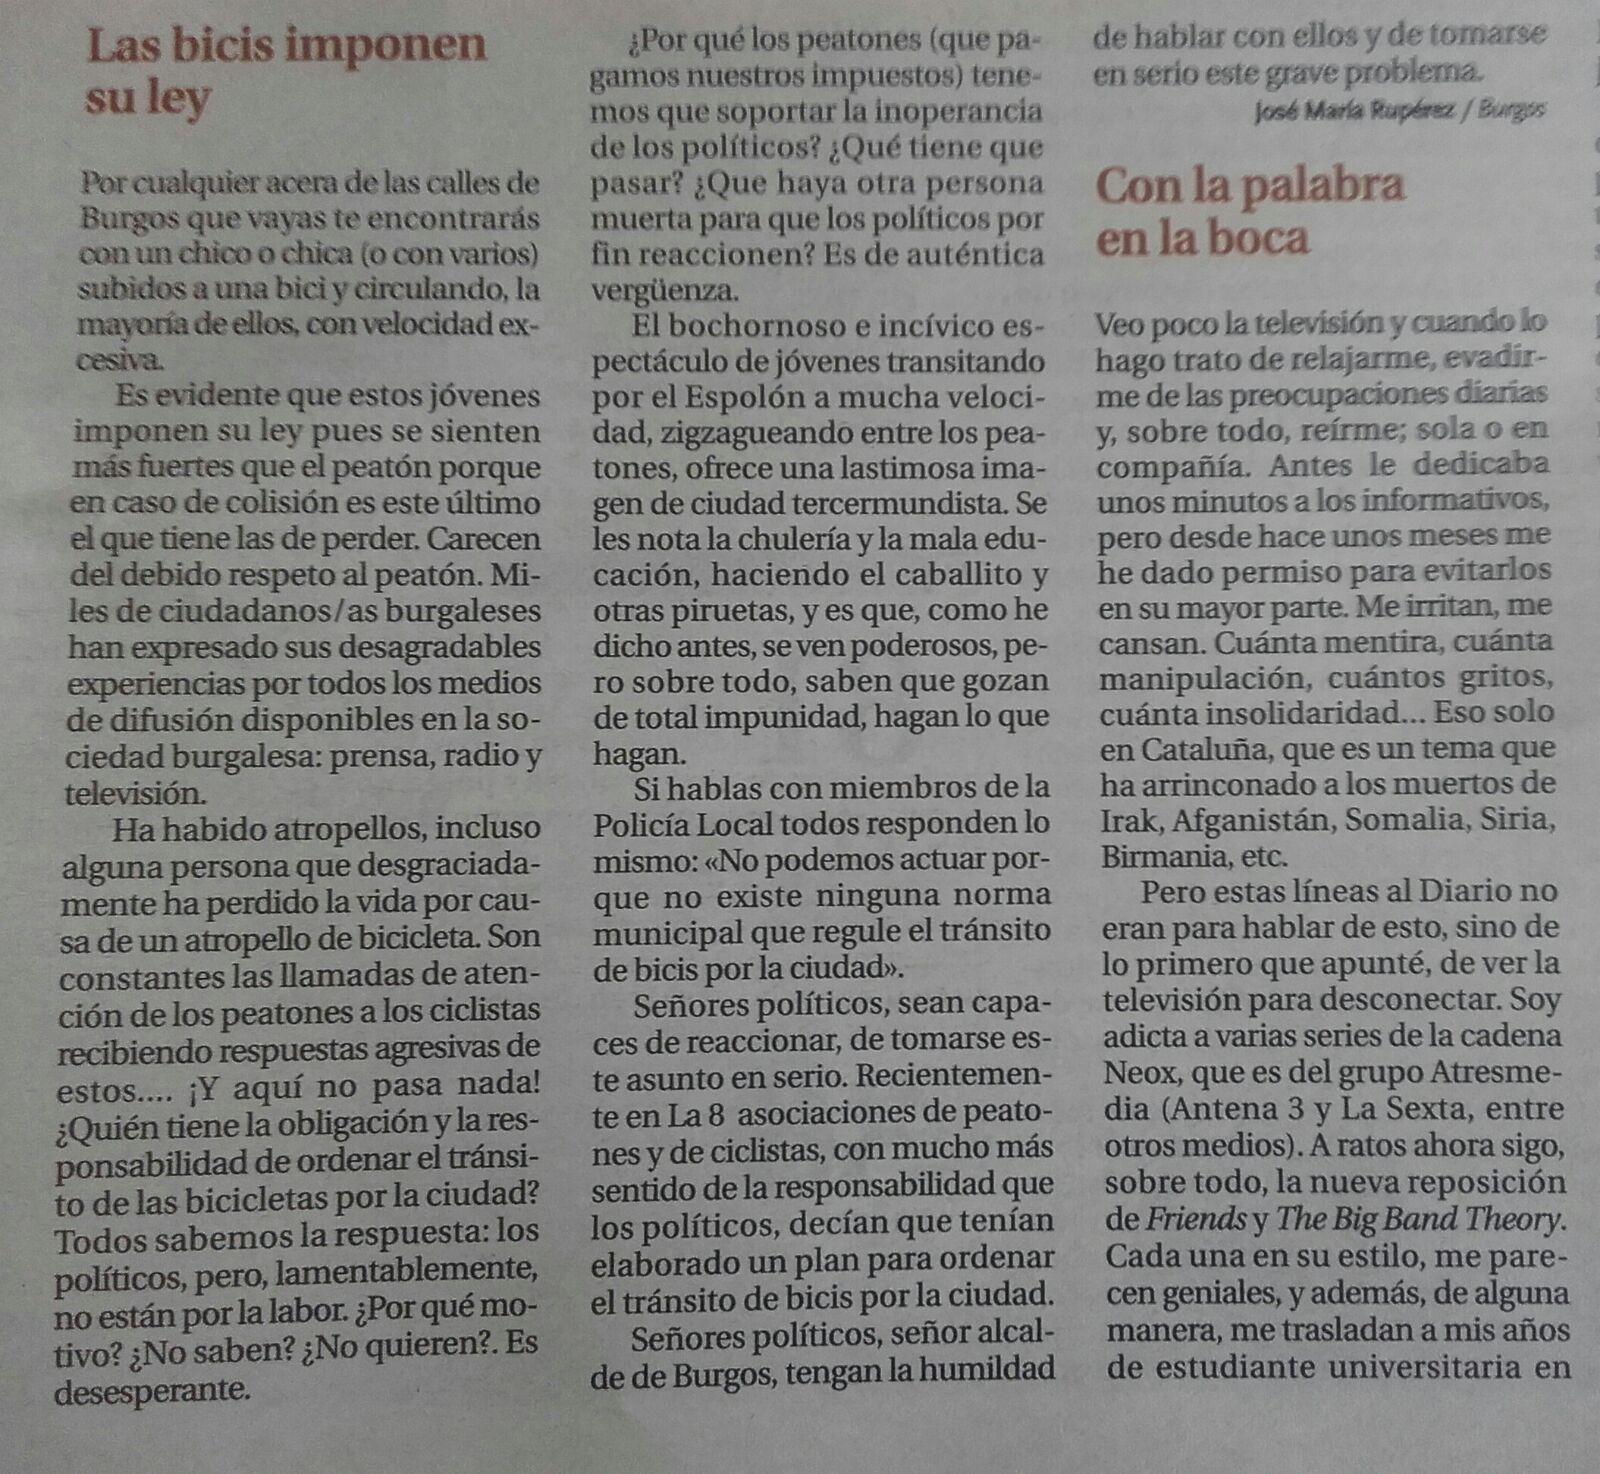 Noticia en Diario de Burgos. Carta al Director. Las bicis imponen su ley